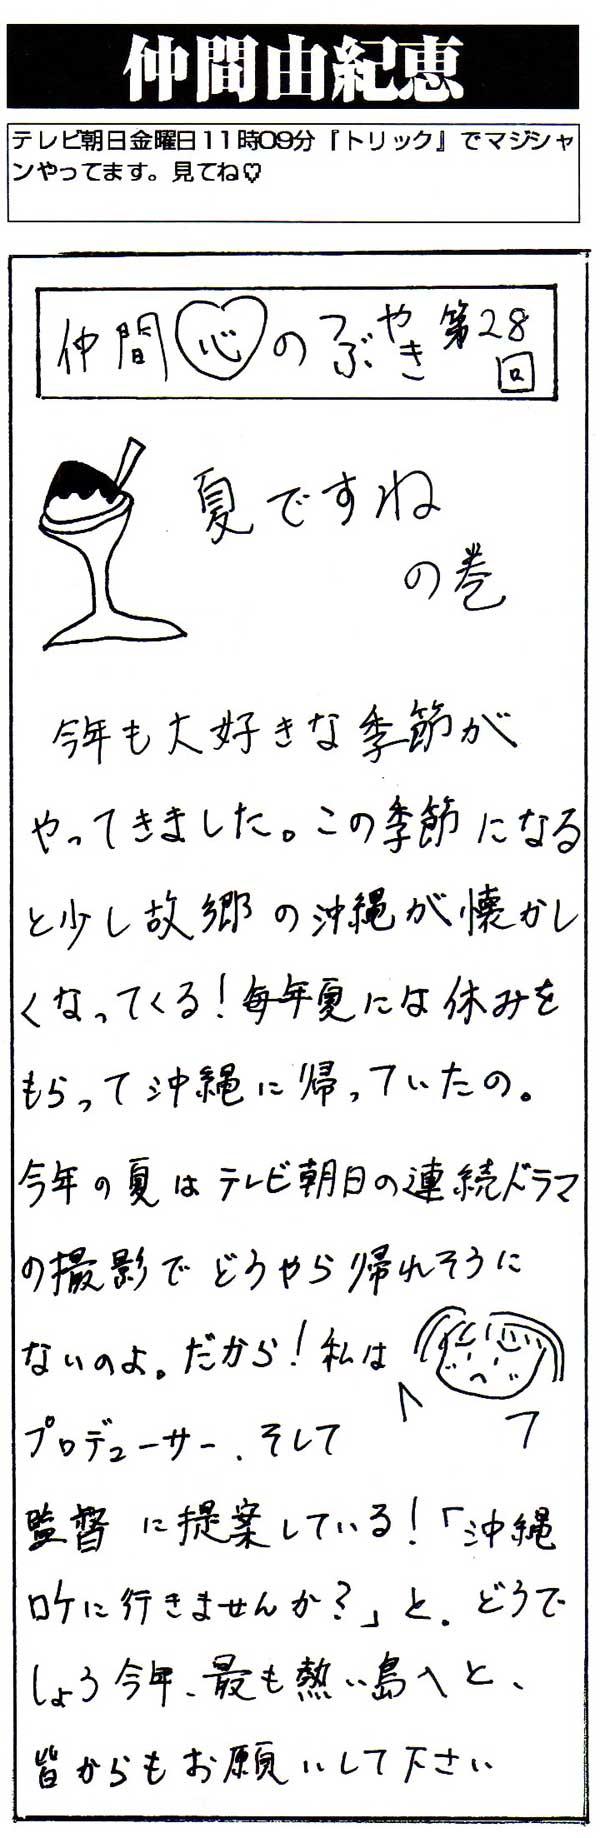 仲間由紀恵 字